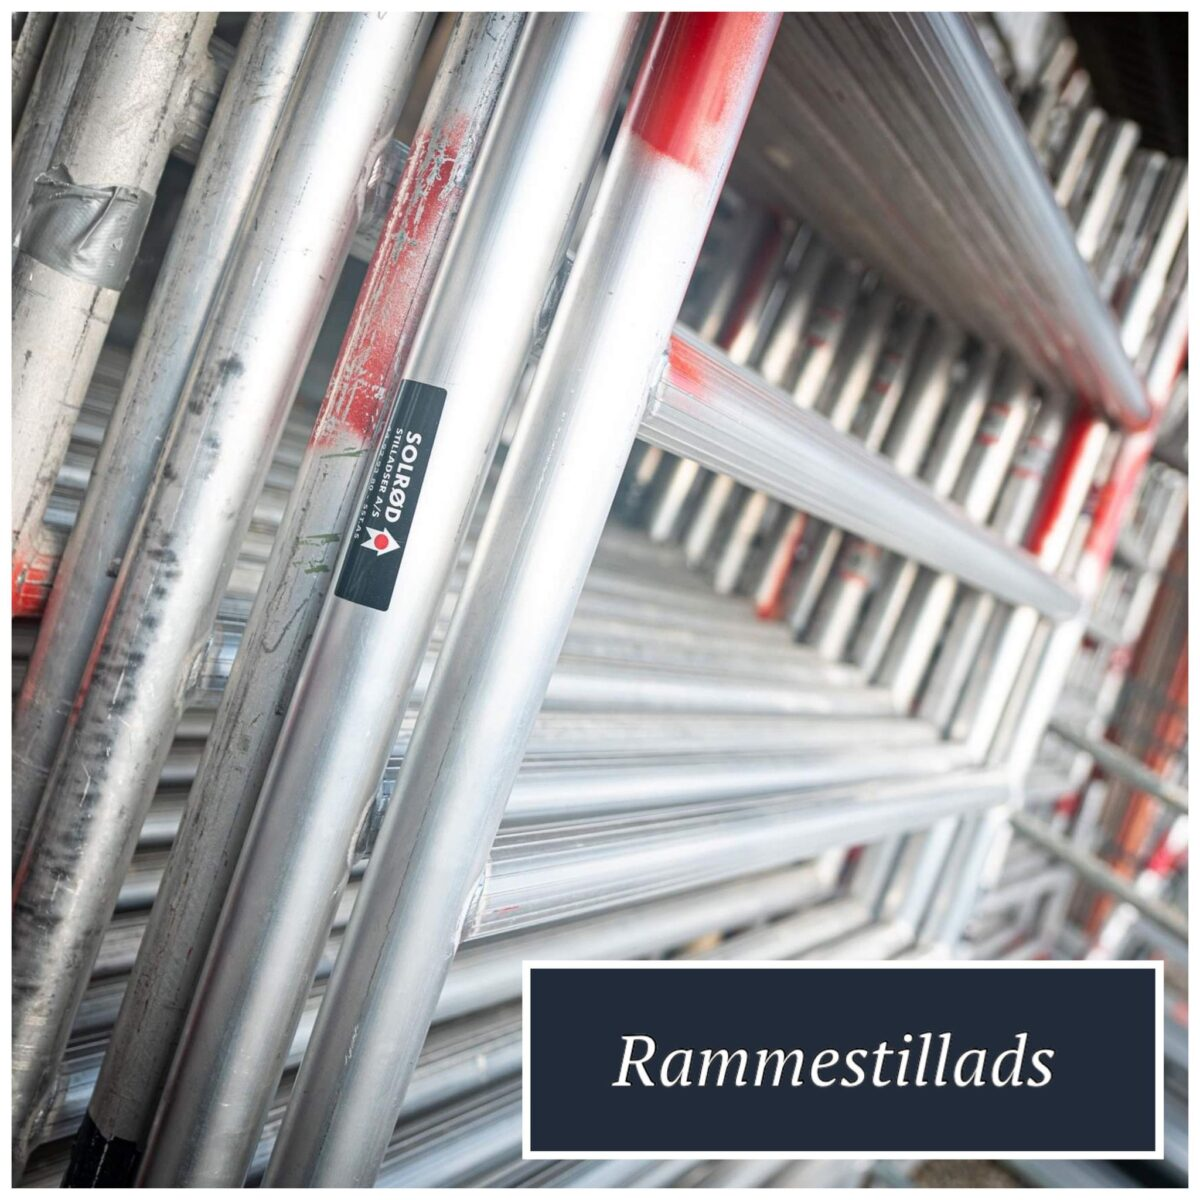 Rammer til Rullestillads til leje eller salg hos SST og Solrød Stilladser